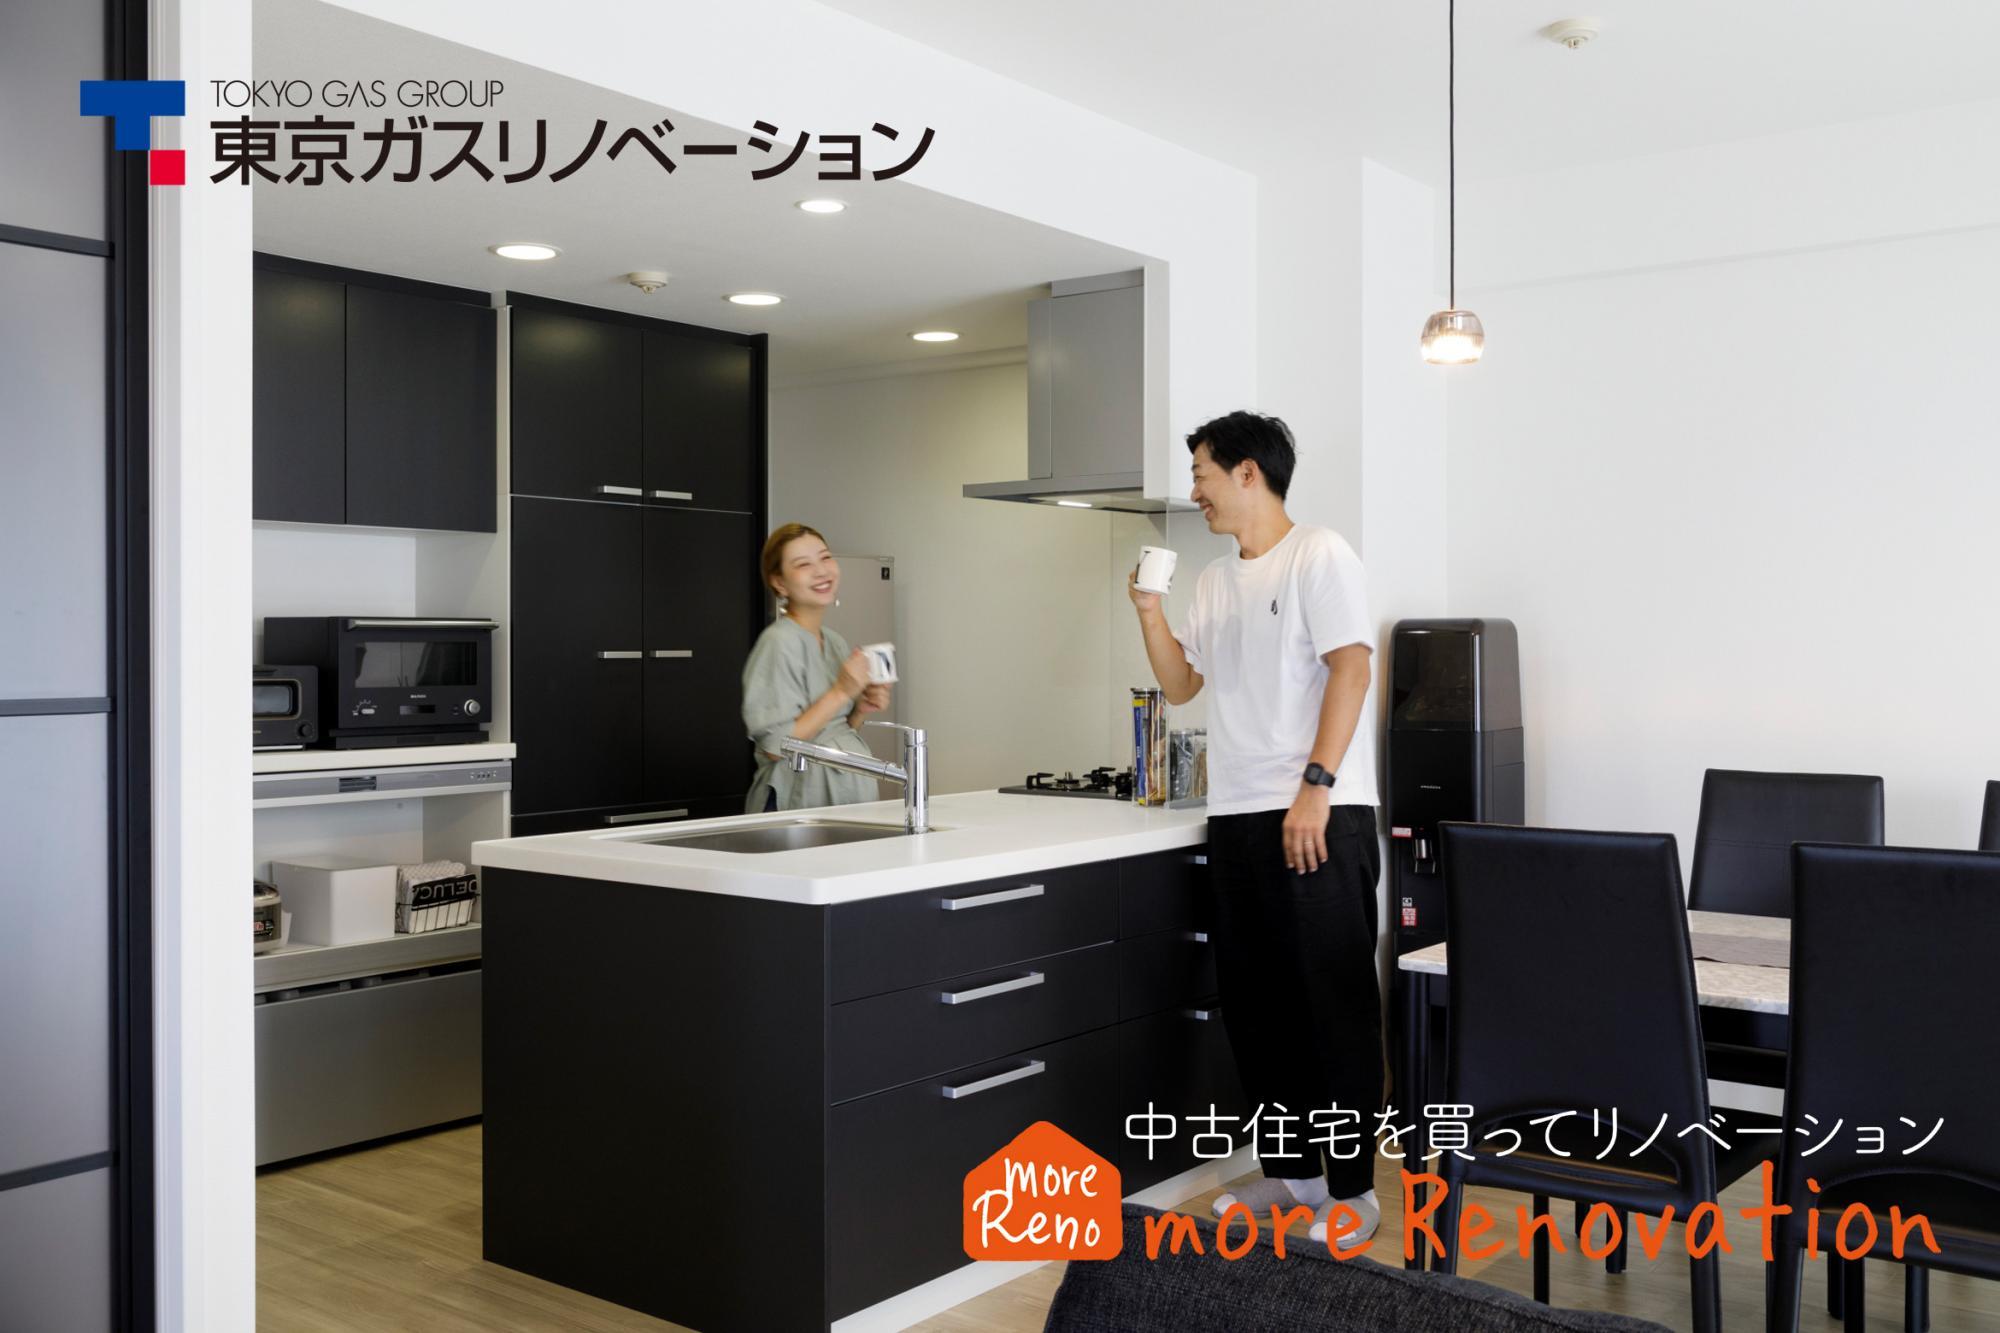 月々のお支払を軽減する「リノベ費用一体型ローン」のご提案  これまでの「中古住宅を買ってリノベーション」の場合、「リノベーション費用はリフォームローンで」という方がほとんどでした。 ですが、リフォームローンは返済期間も短く、金利も住宅ローンと比べると割高なので、月々のお支払額はどうしても高額になってしまいました。 私たち東京ガスリノベーションでは、物件購入費用とリノベーション費用、トータルでローンをご提案いたします。 東京ガスグループならではの信用力で、各金融機関のローン取り扱いが可能です。 色々な金融機関のローンを比較していただき、ご希望の「一体型ローン」をお選びください。